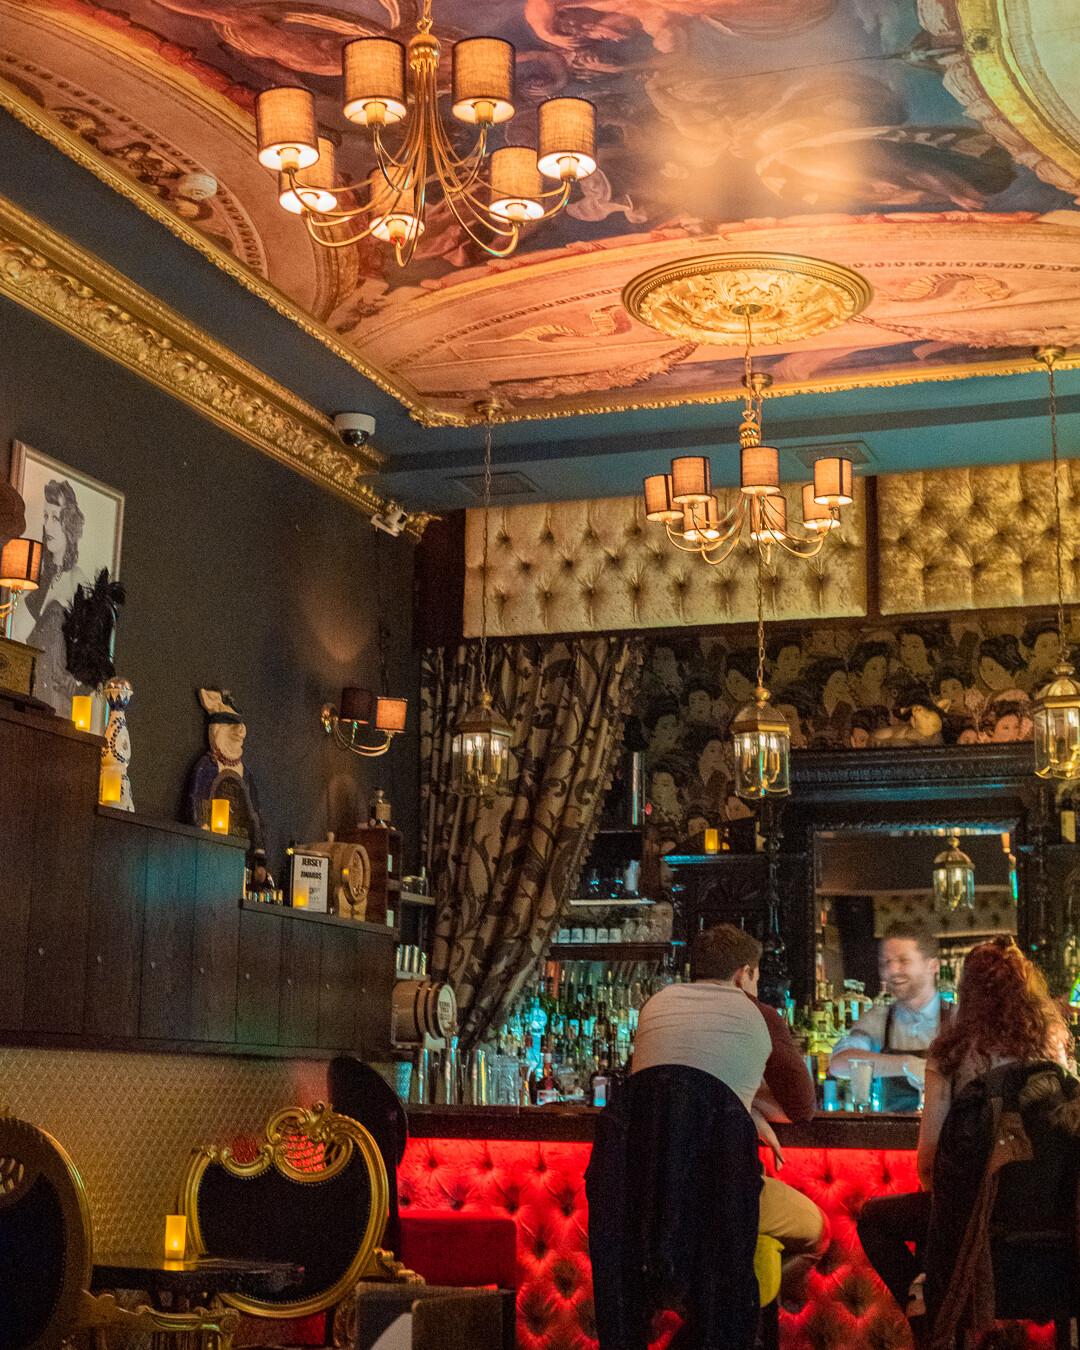 The Blind Pig speakeasy bar, Jersey